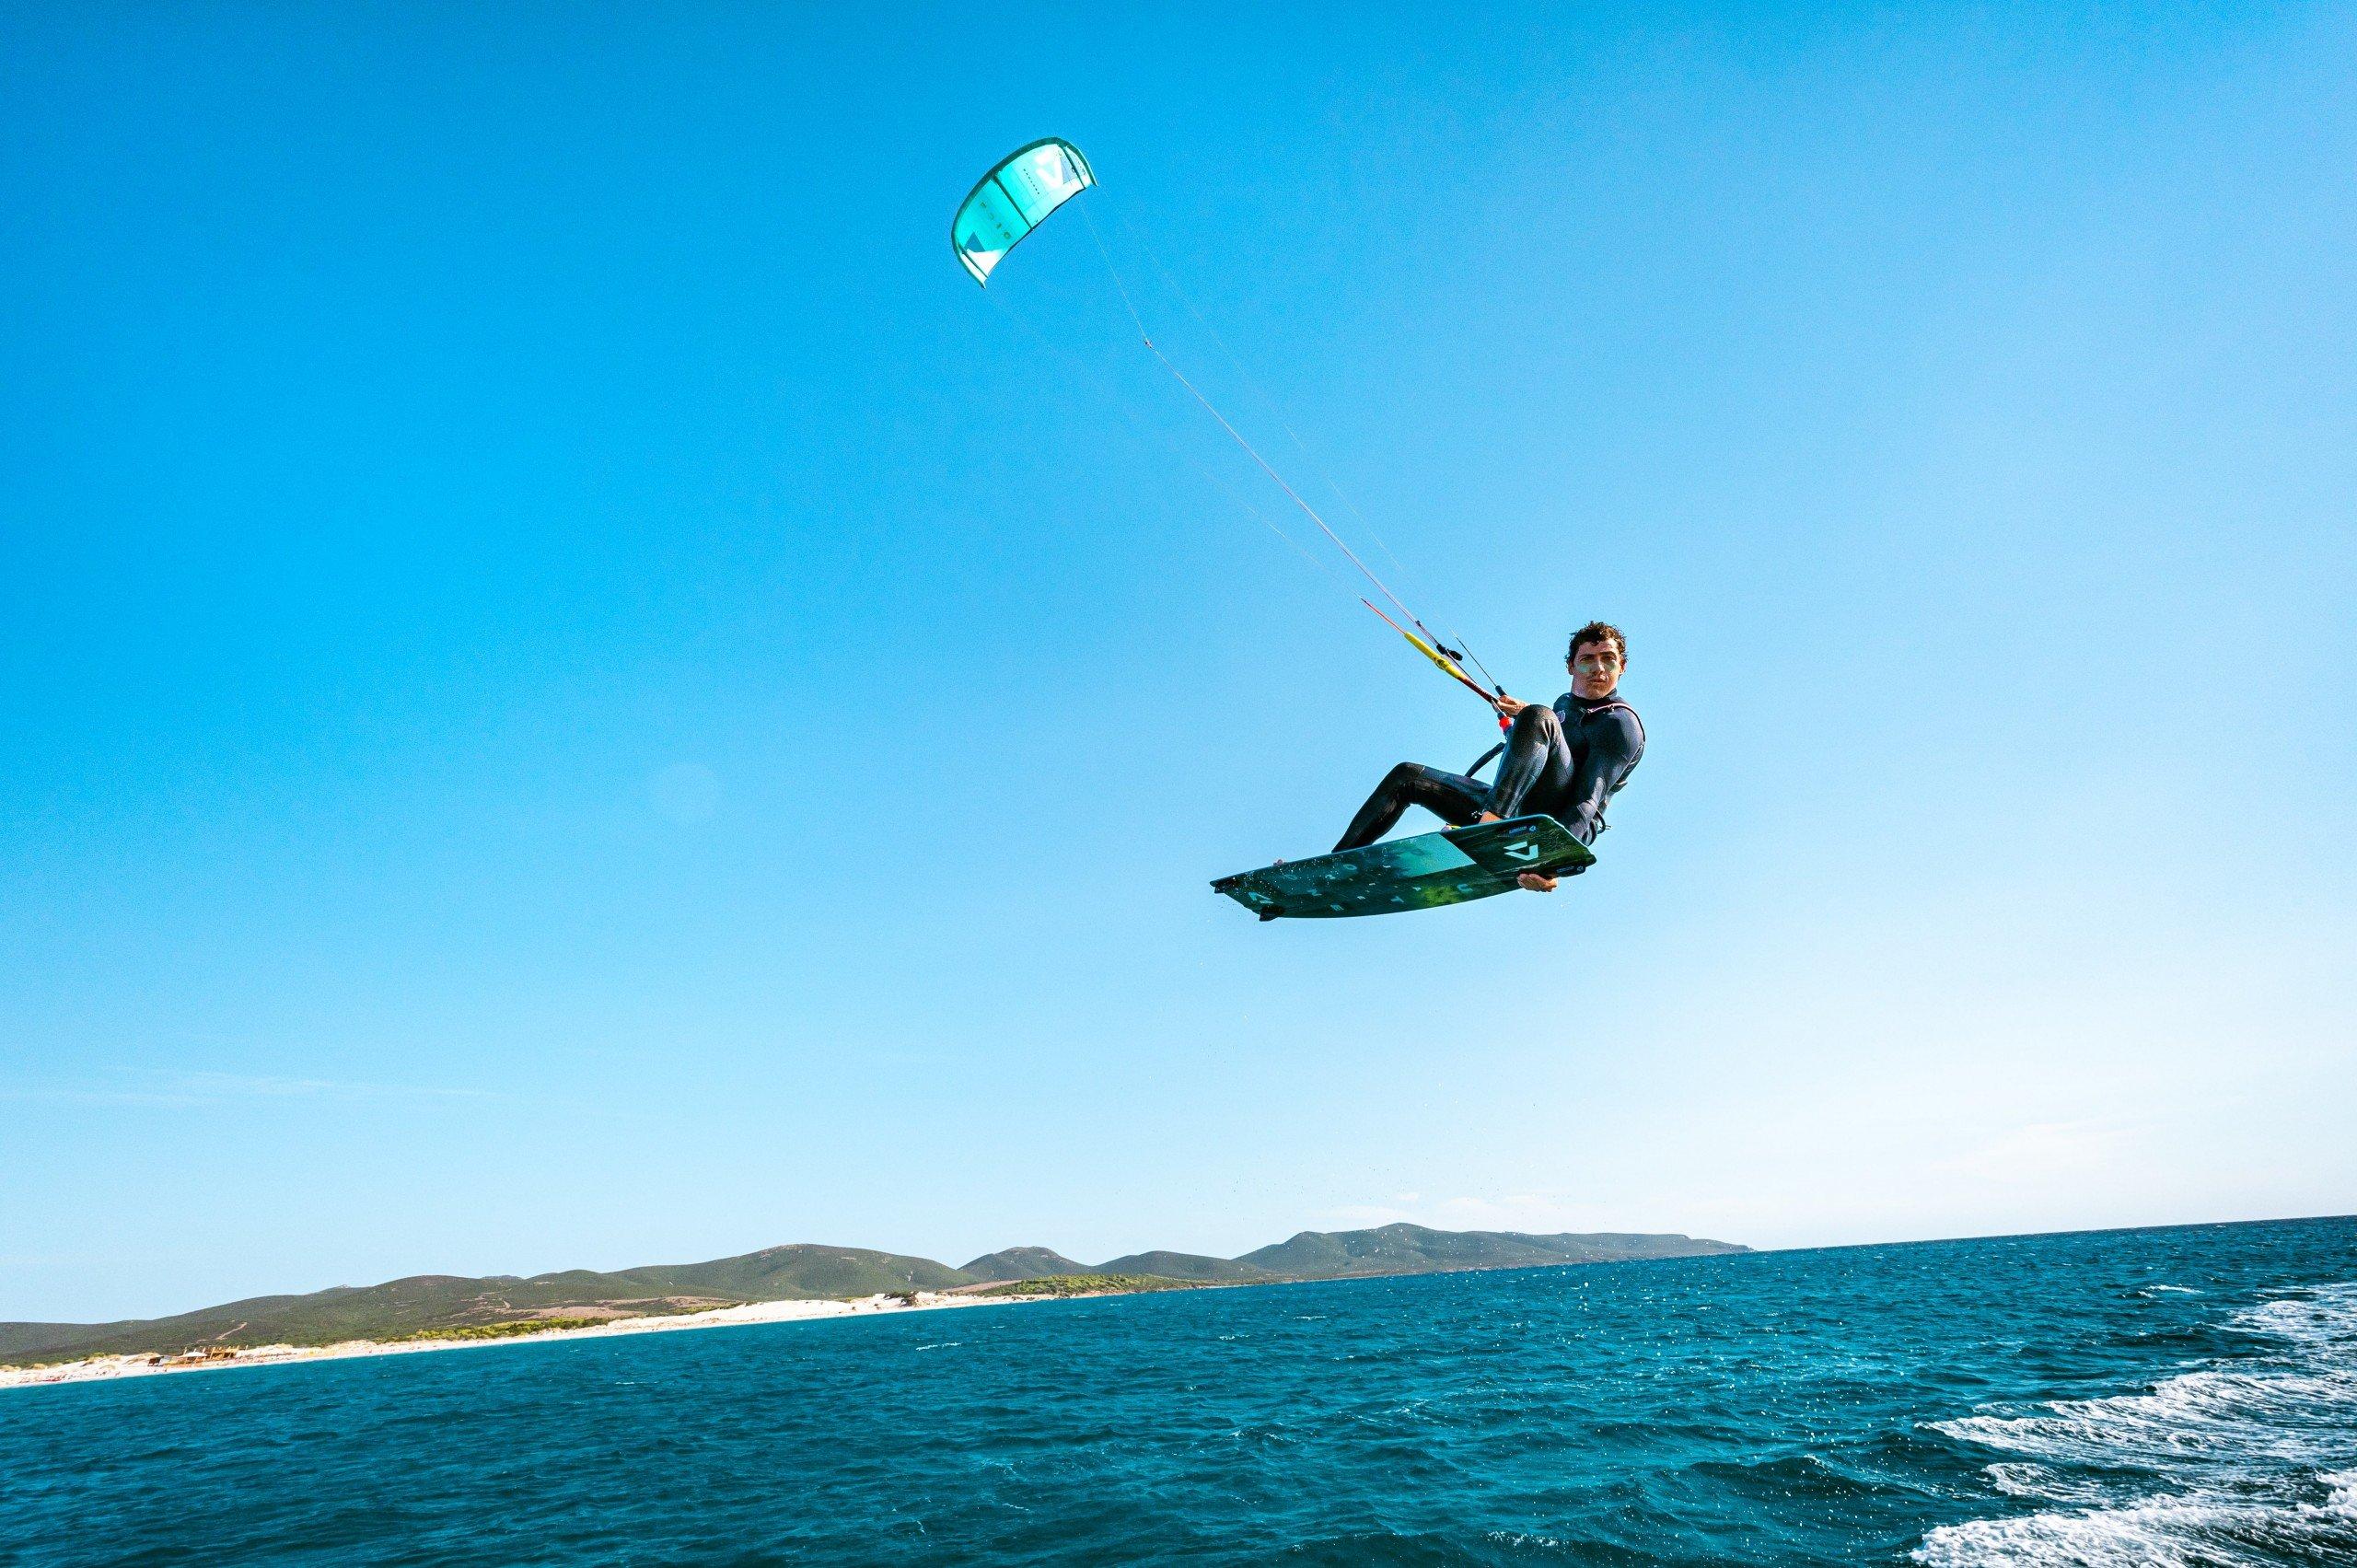 Simone-Timpano-istruttore-kitesurf-decollagio-espiguette